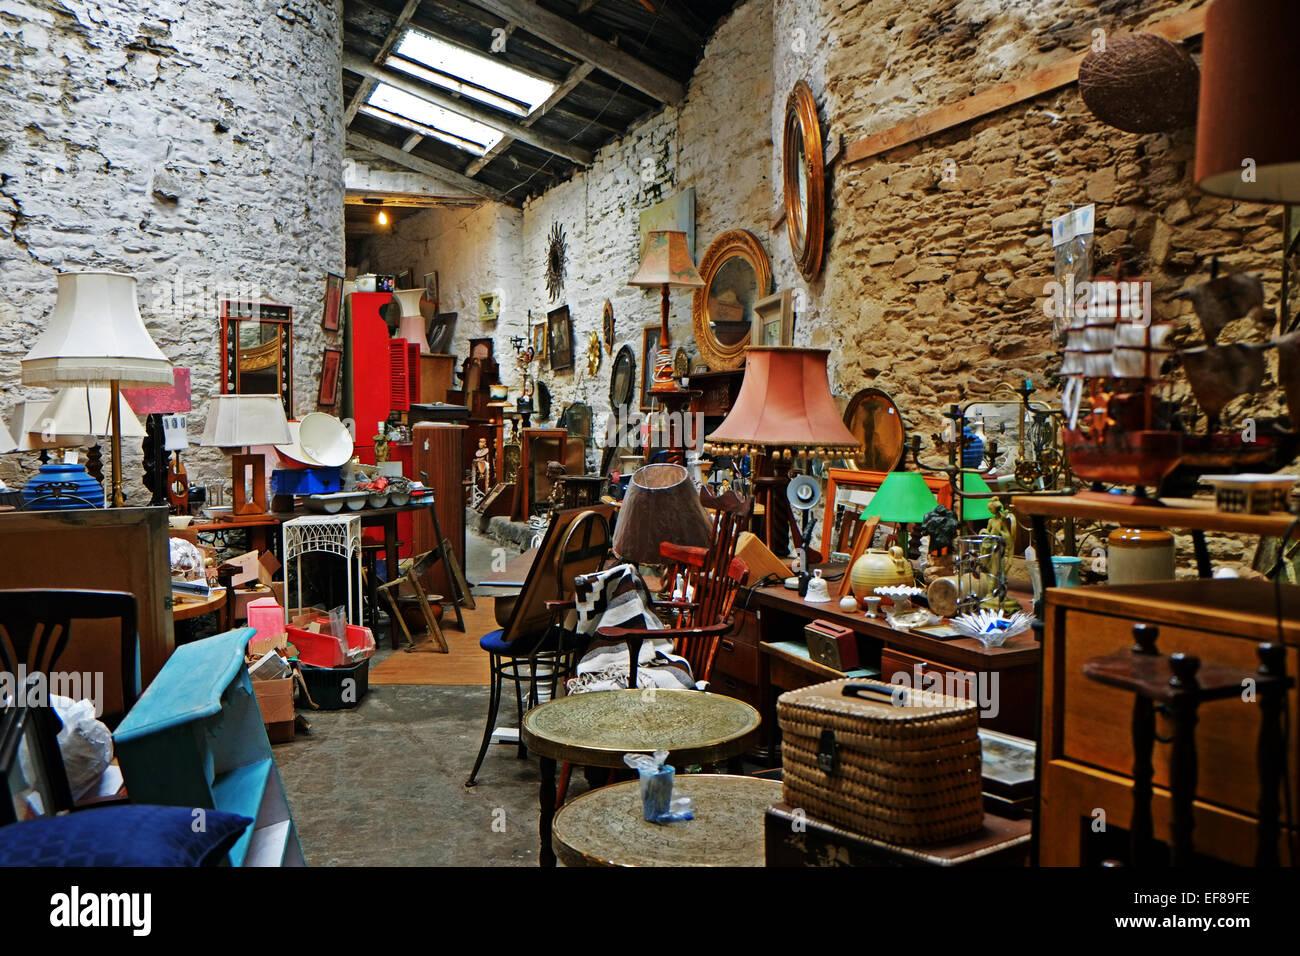 Furniture Stores Ireland Cork